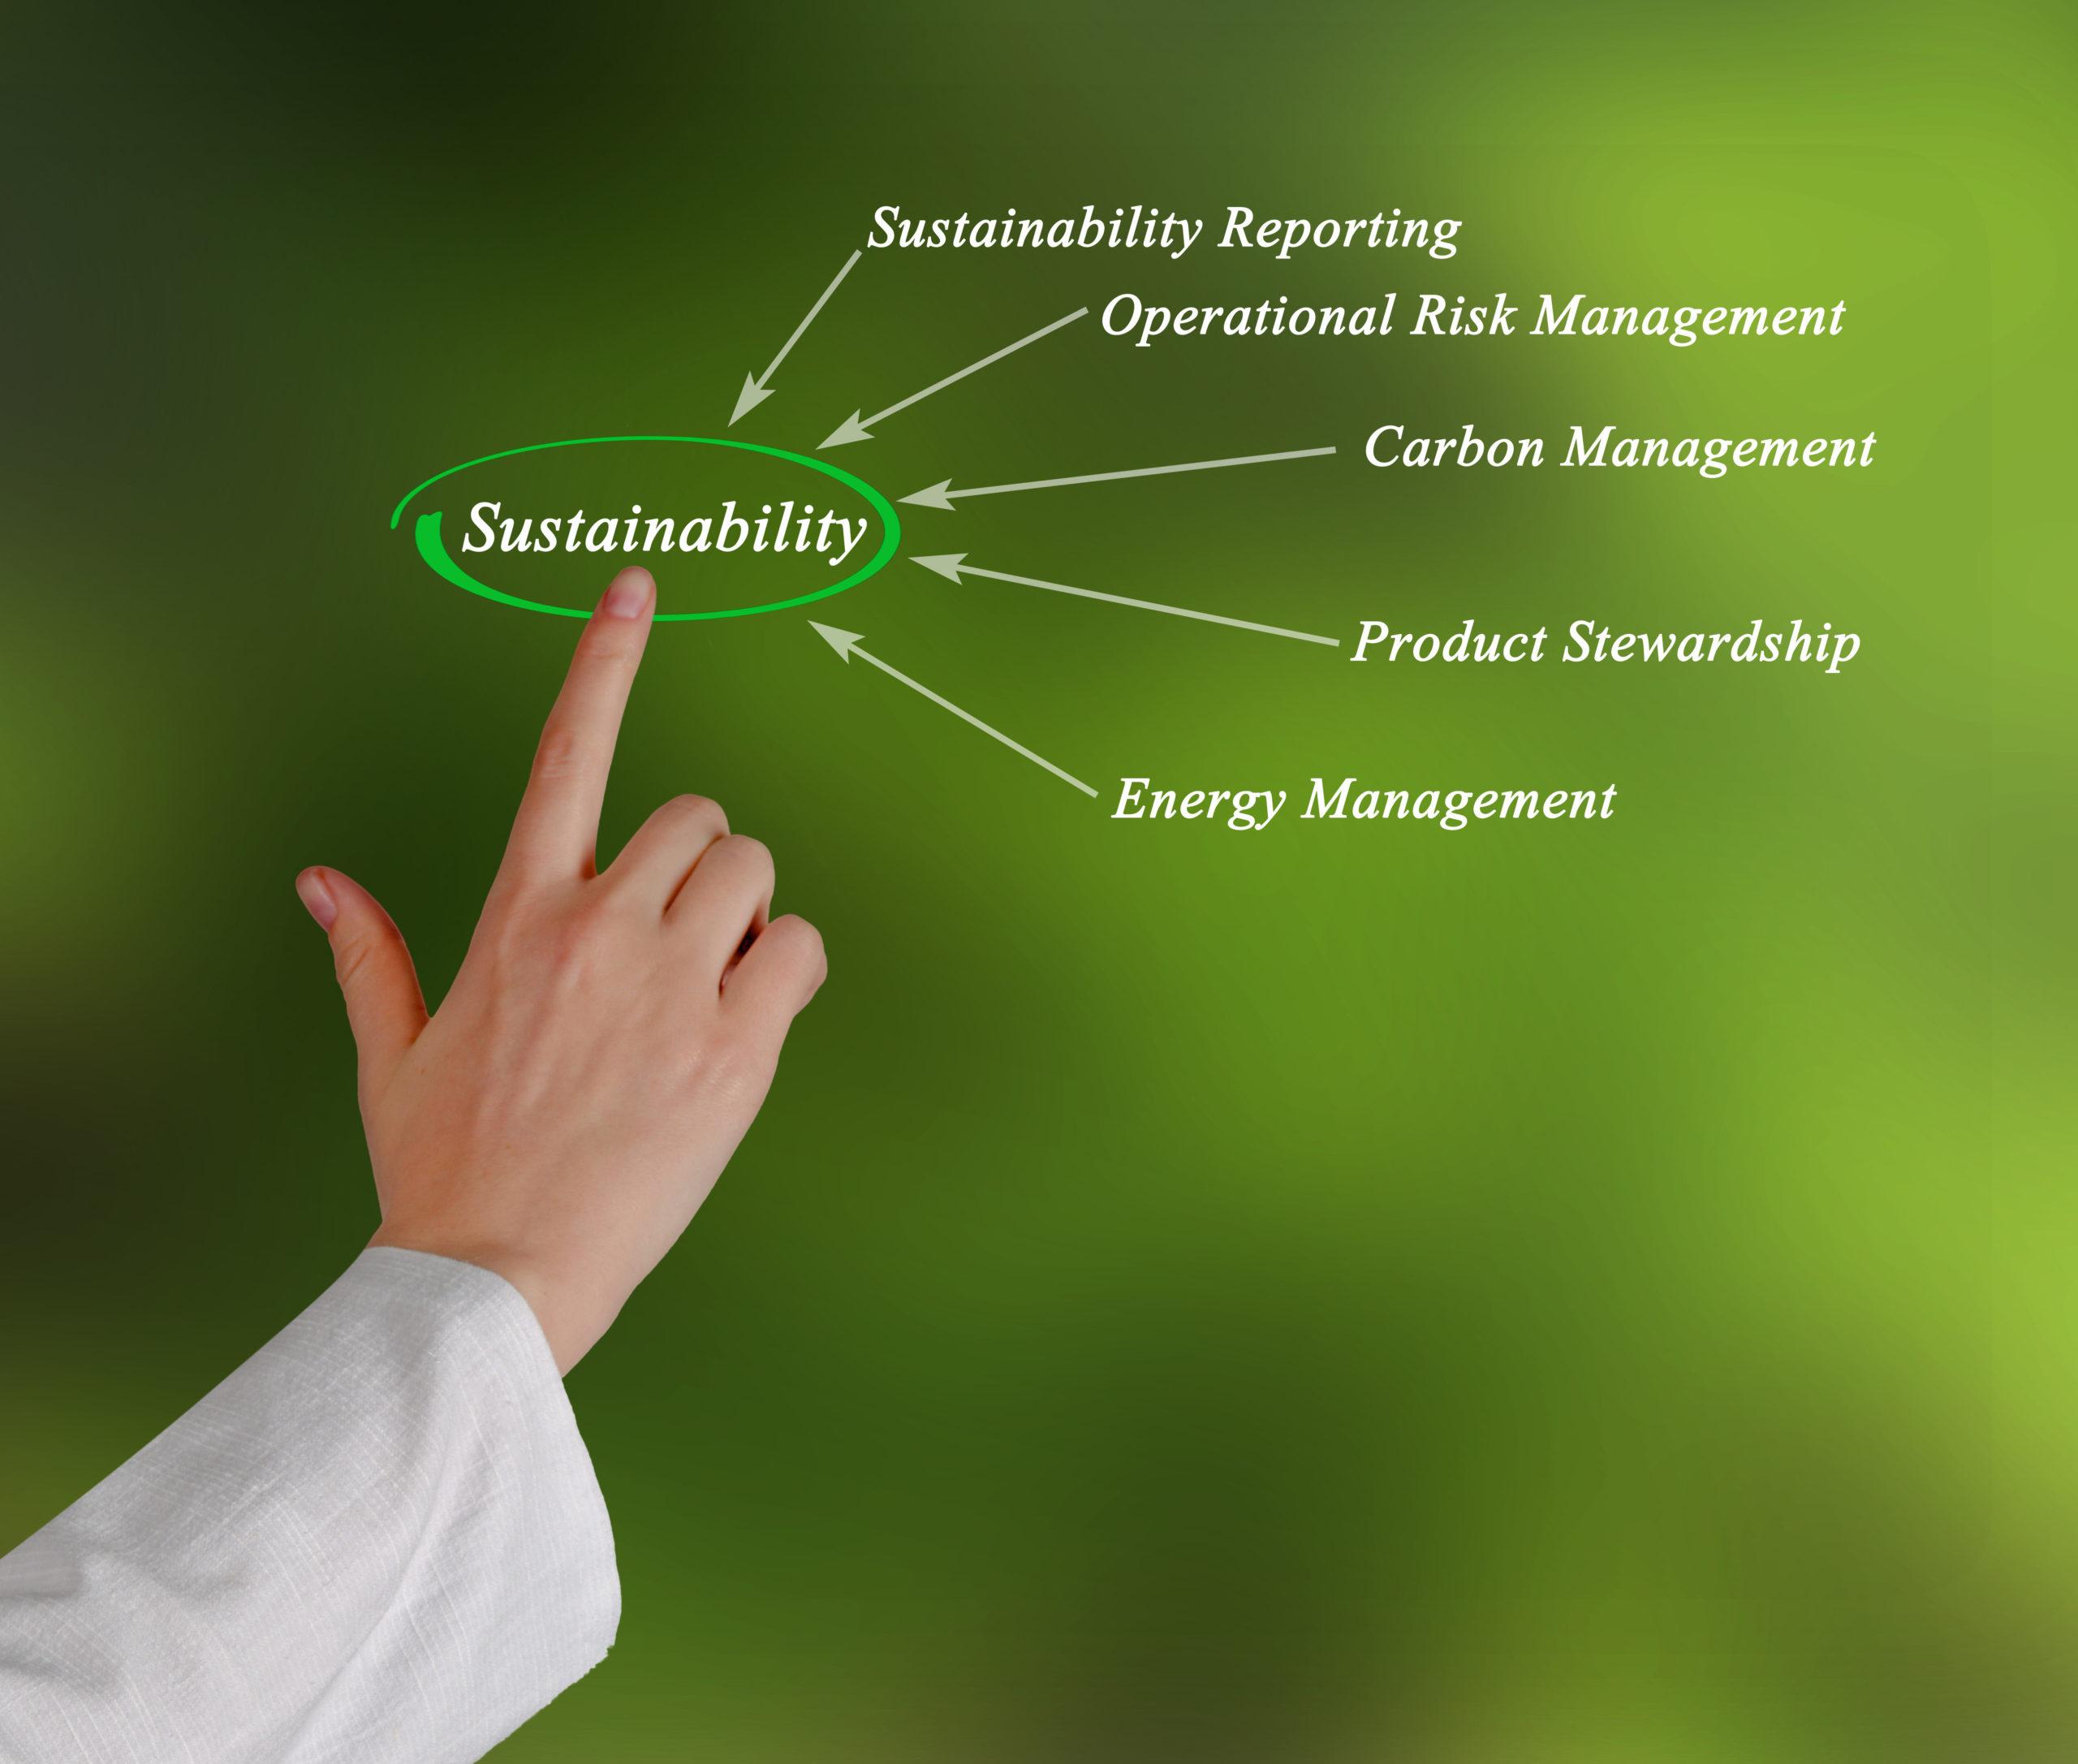 IFAC solicită părților interesate să se pregătească acum pentru Standardele Globale de Sustenabilitate